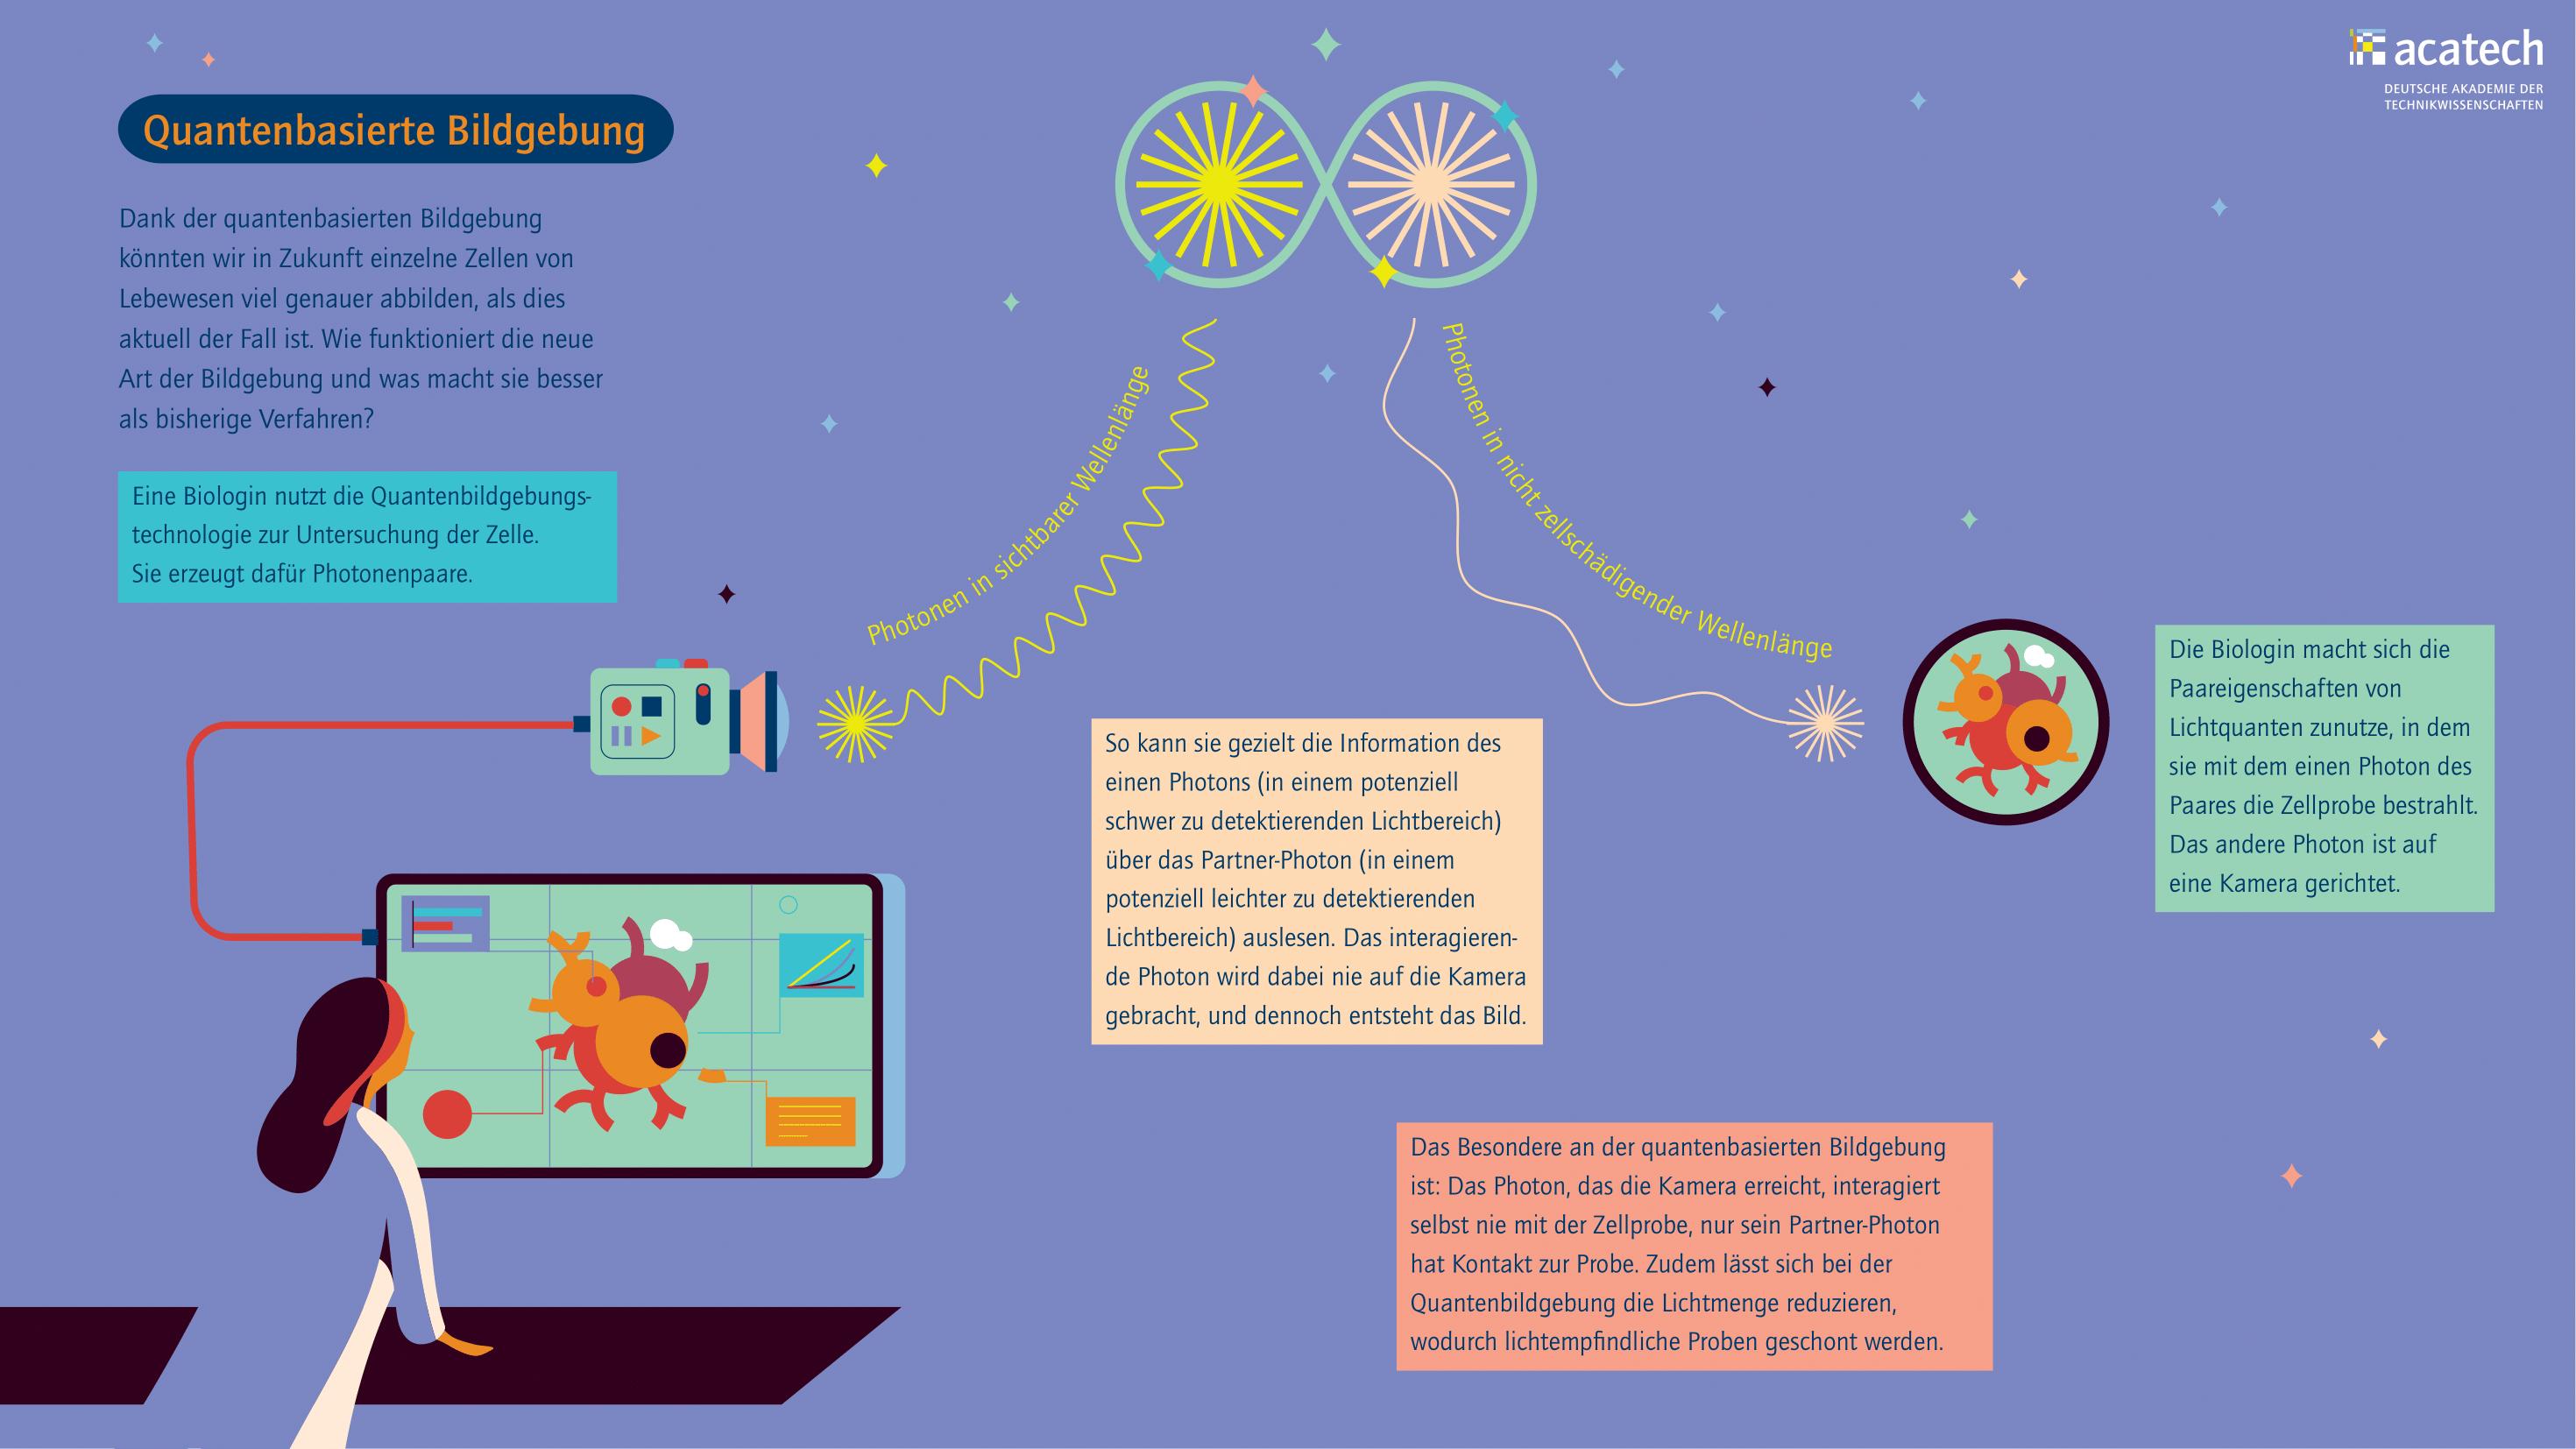 Grafik mit abstrahierter Darstellung der Funktionsweise der quantenbasierten Bildgebung